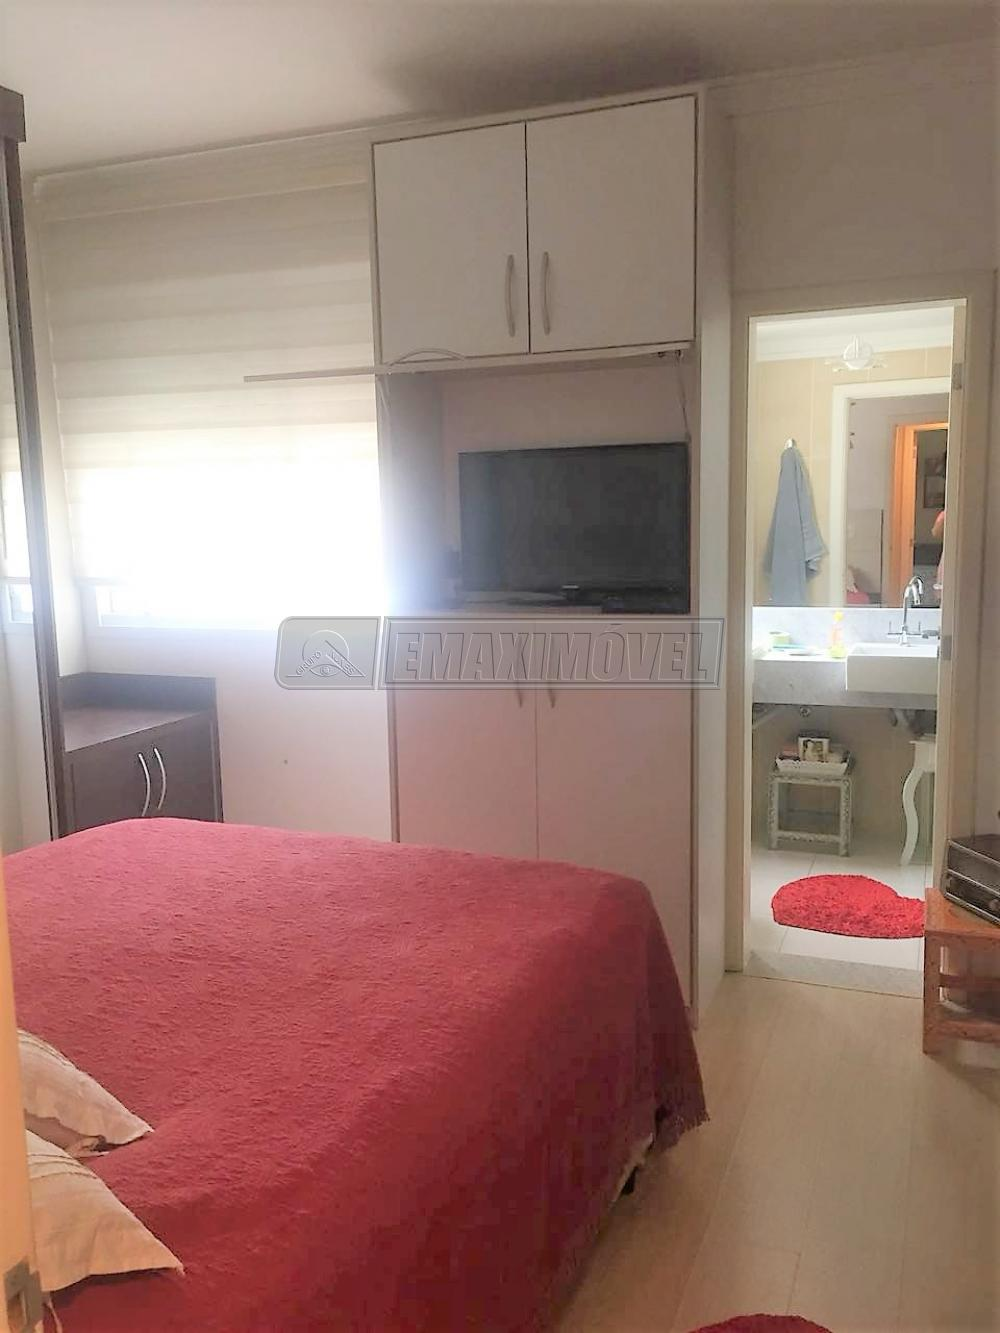 Comprar Apartamentos / Apto Padrão em Sorocaba apenas R$ 650.000,00 - Foto 8